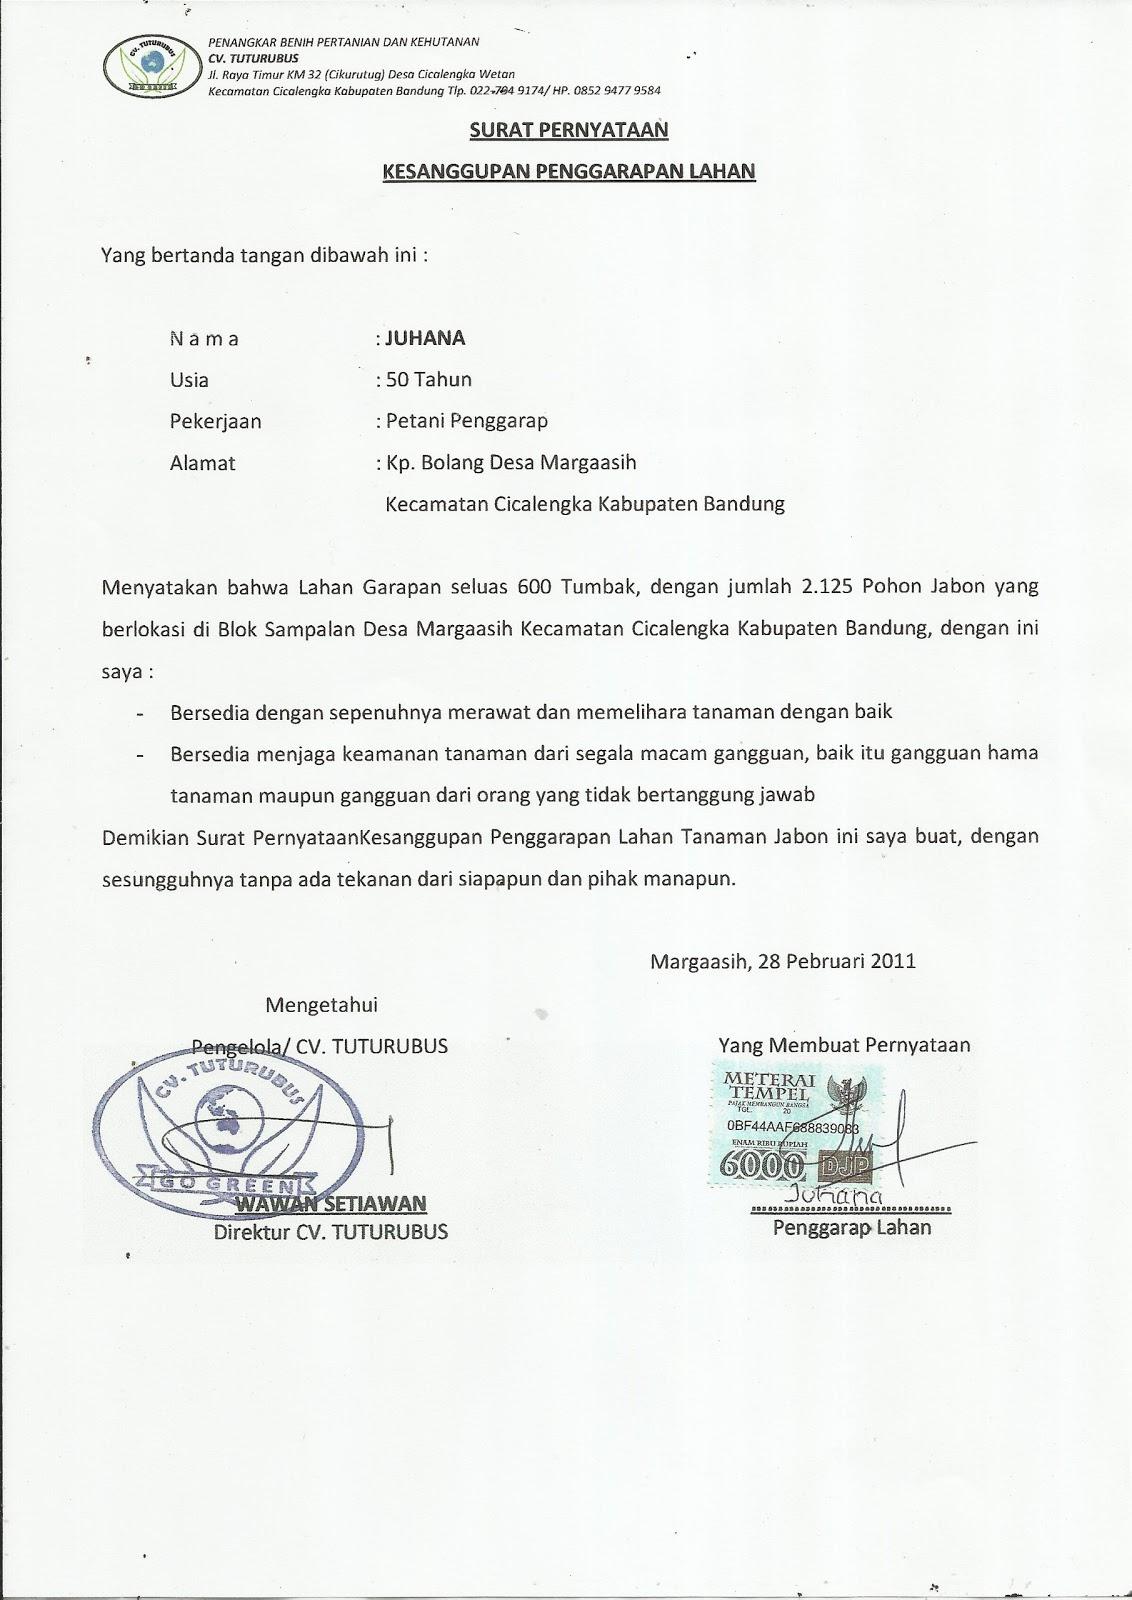 Gerakan Nusantara Hijau Contoh Surat Pernyataan Kesanggupan